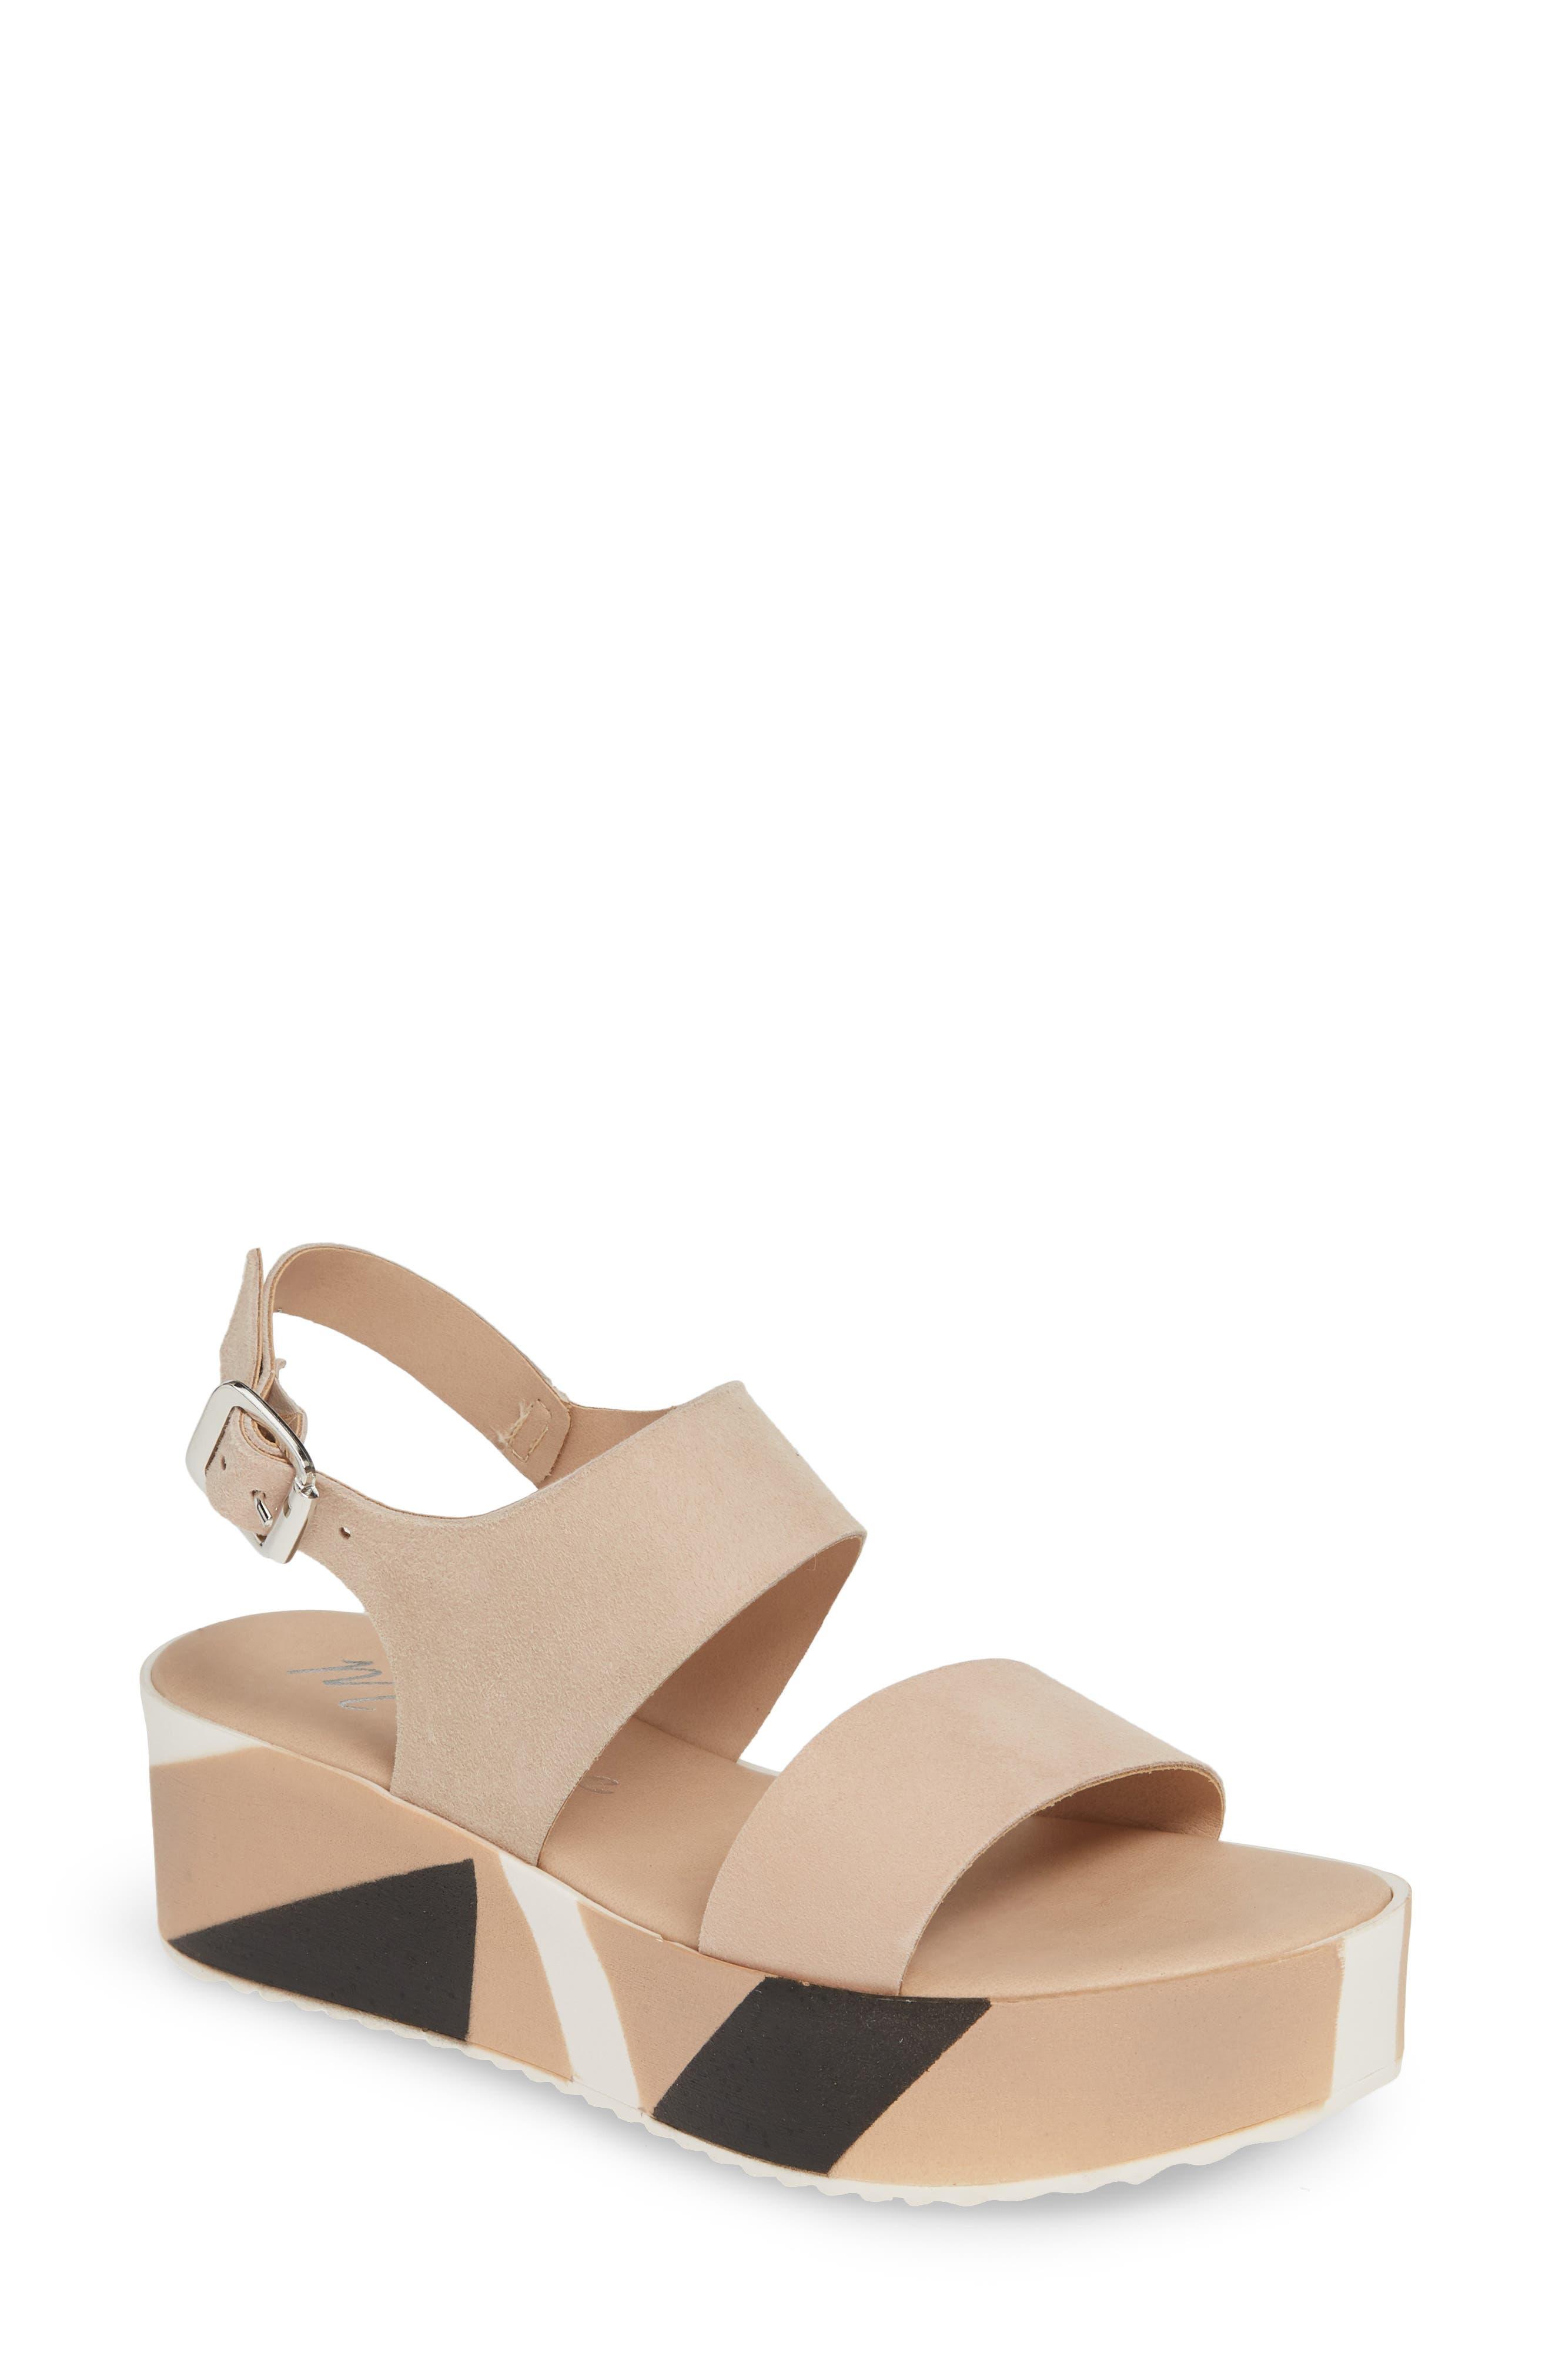 a4bb0d6c475 Women s Matisse Shoes